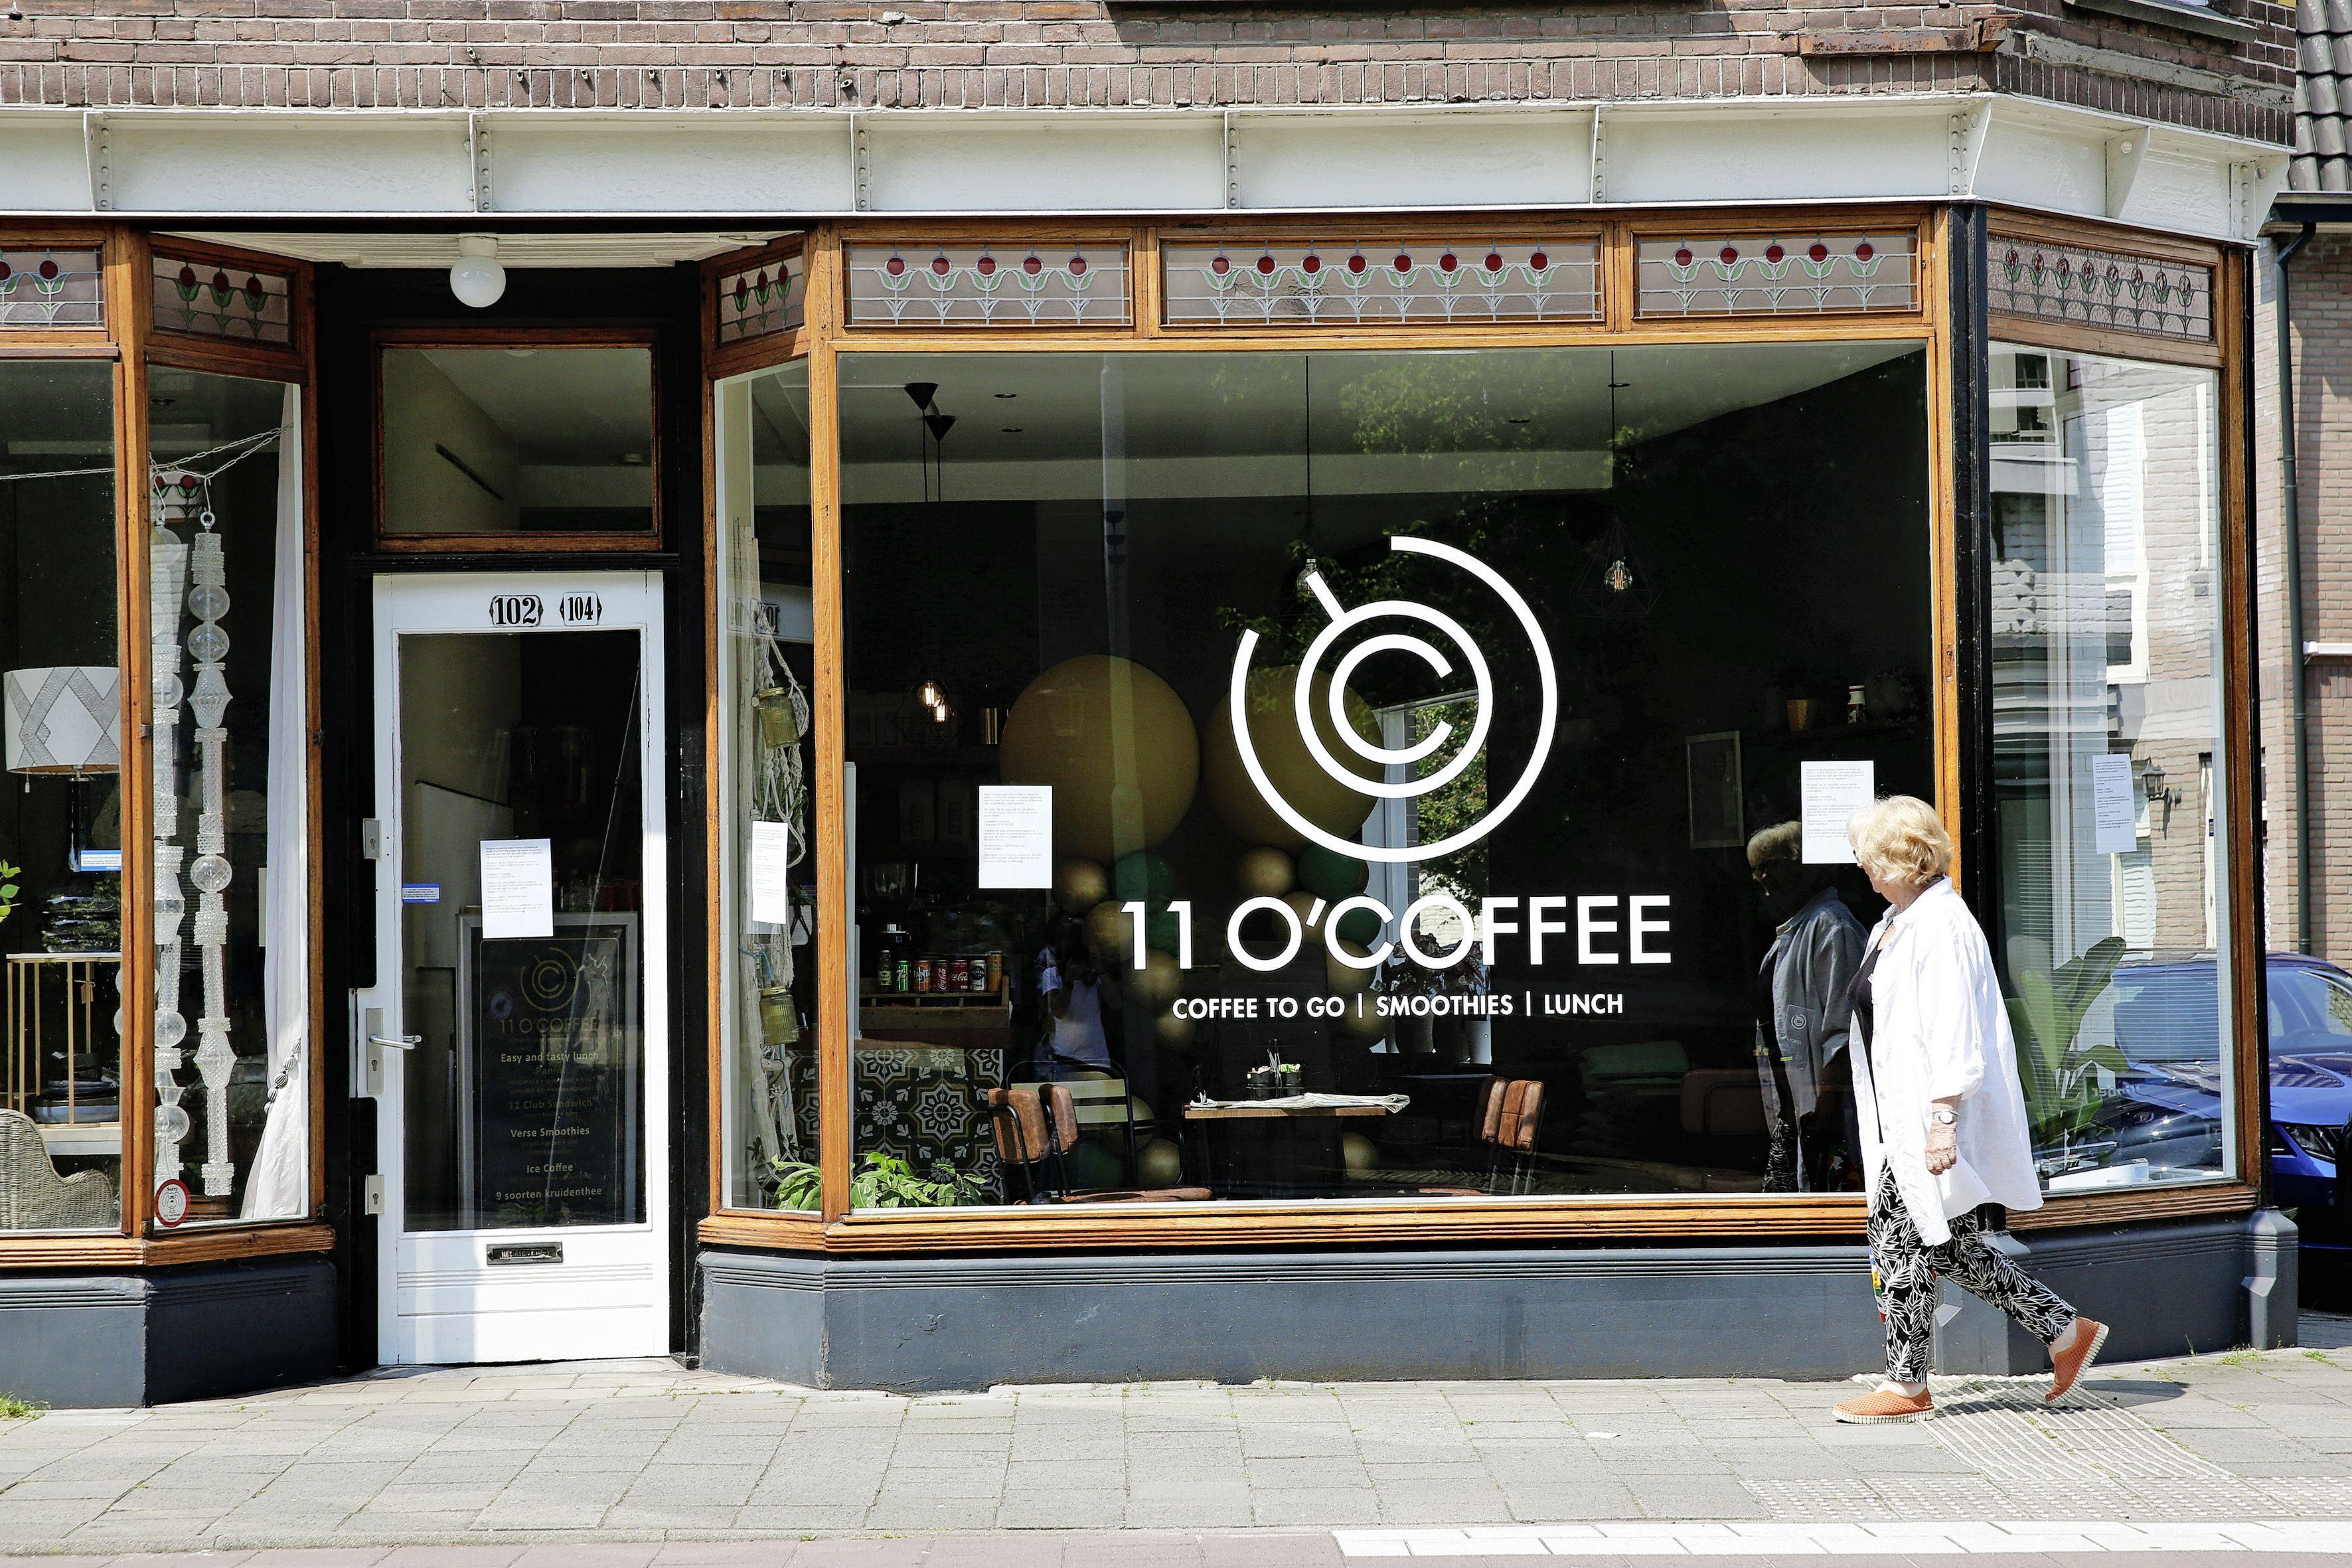 Na tien maanden horecavergunning 11 O'Coffee toch geweigerd; Bussumse buurt start petitie voor eigenaar Ahmed Hussein: 'Ik sta door corona en ziek dochtertje al jaar in overleefstand'